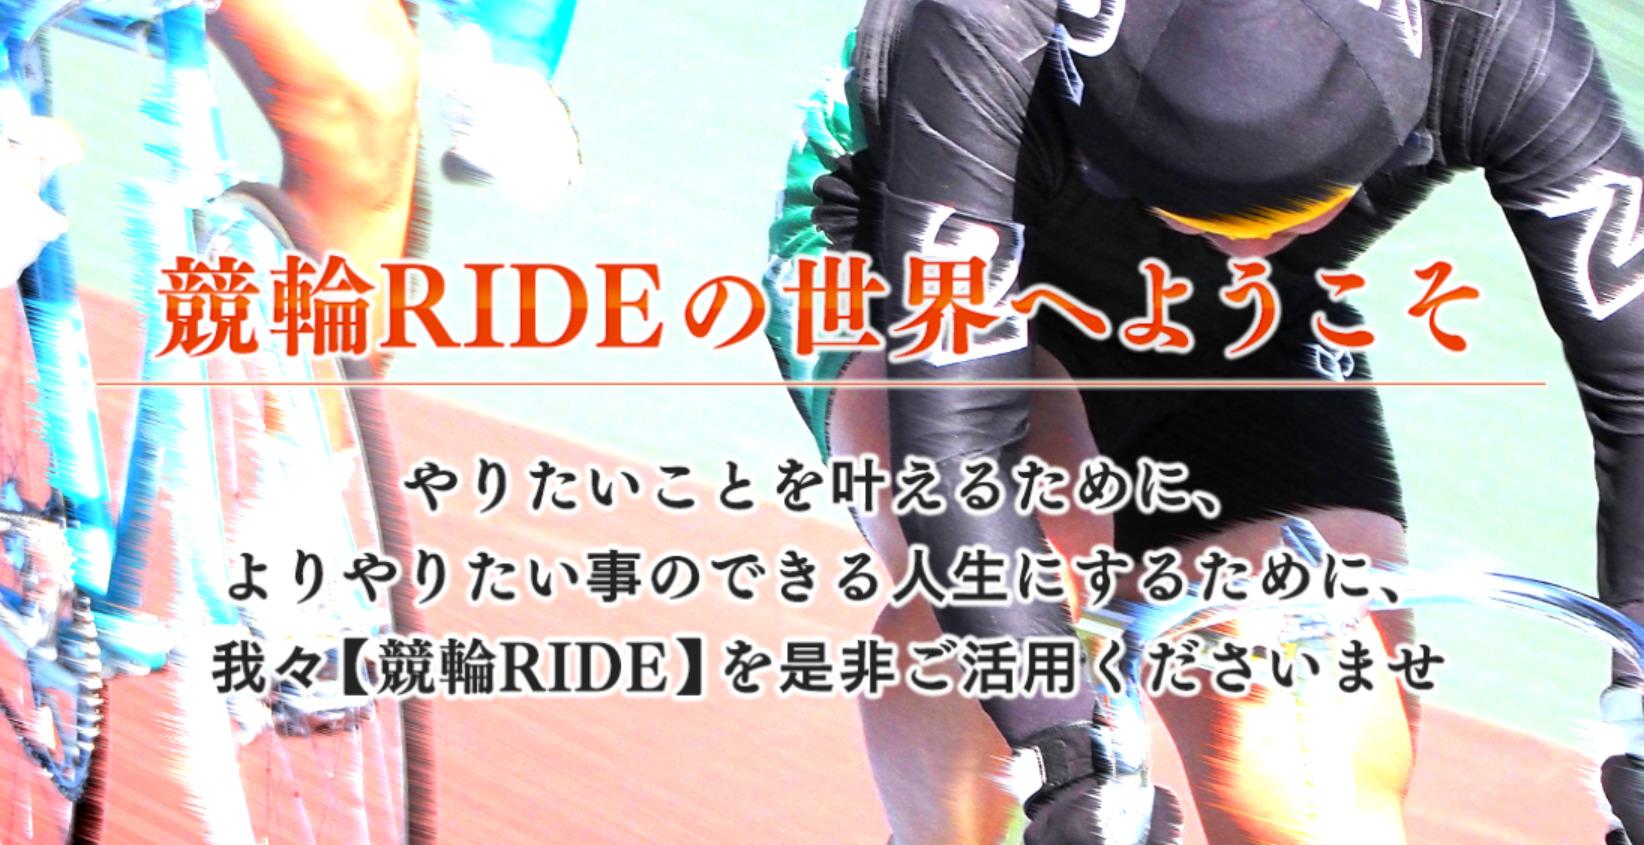 【検証中】競輪予想サイト【競輪RIDE】は稼げるのか稼げないのか確かめる!